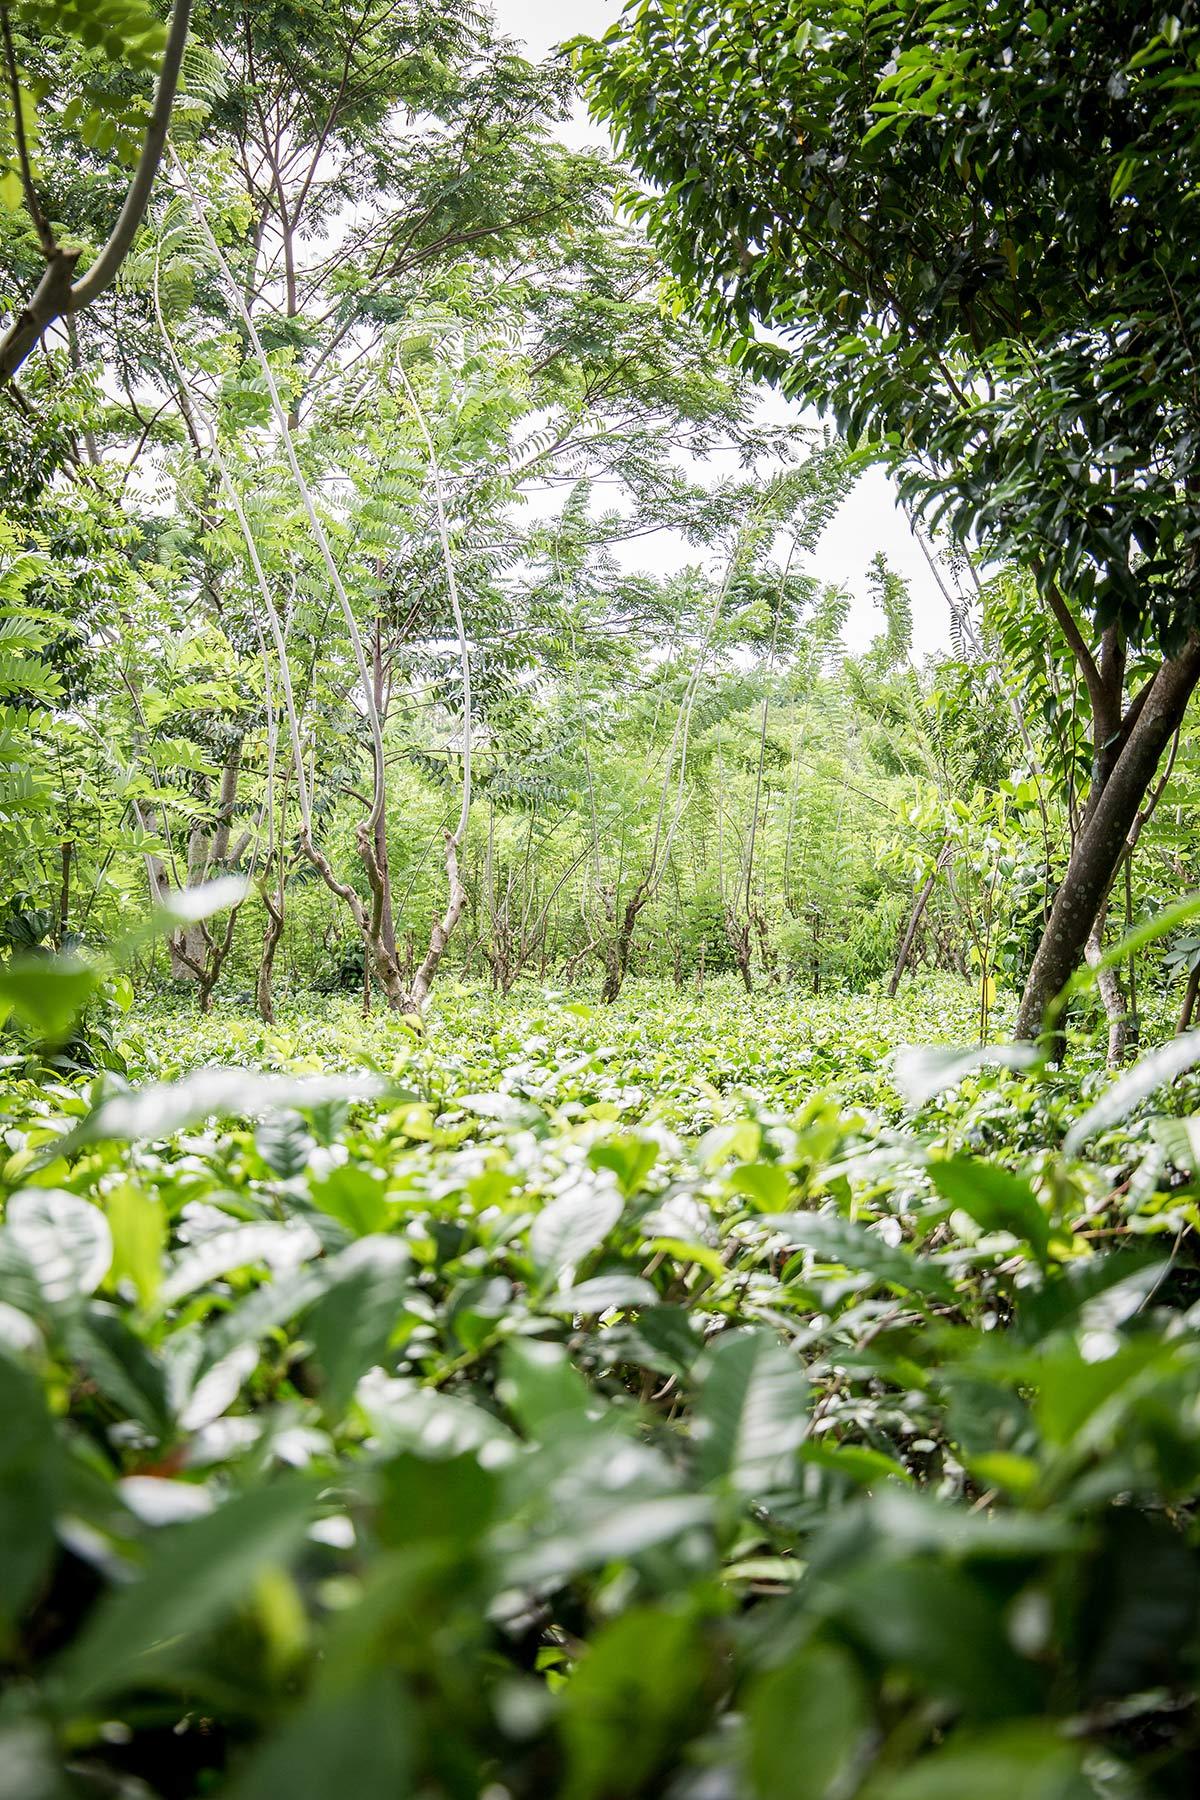 Teeplantage Handunugoda Tea Estate